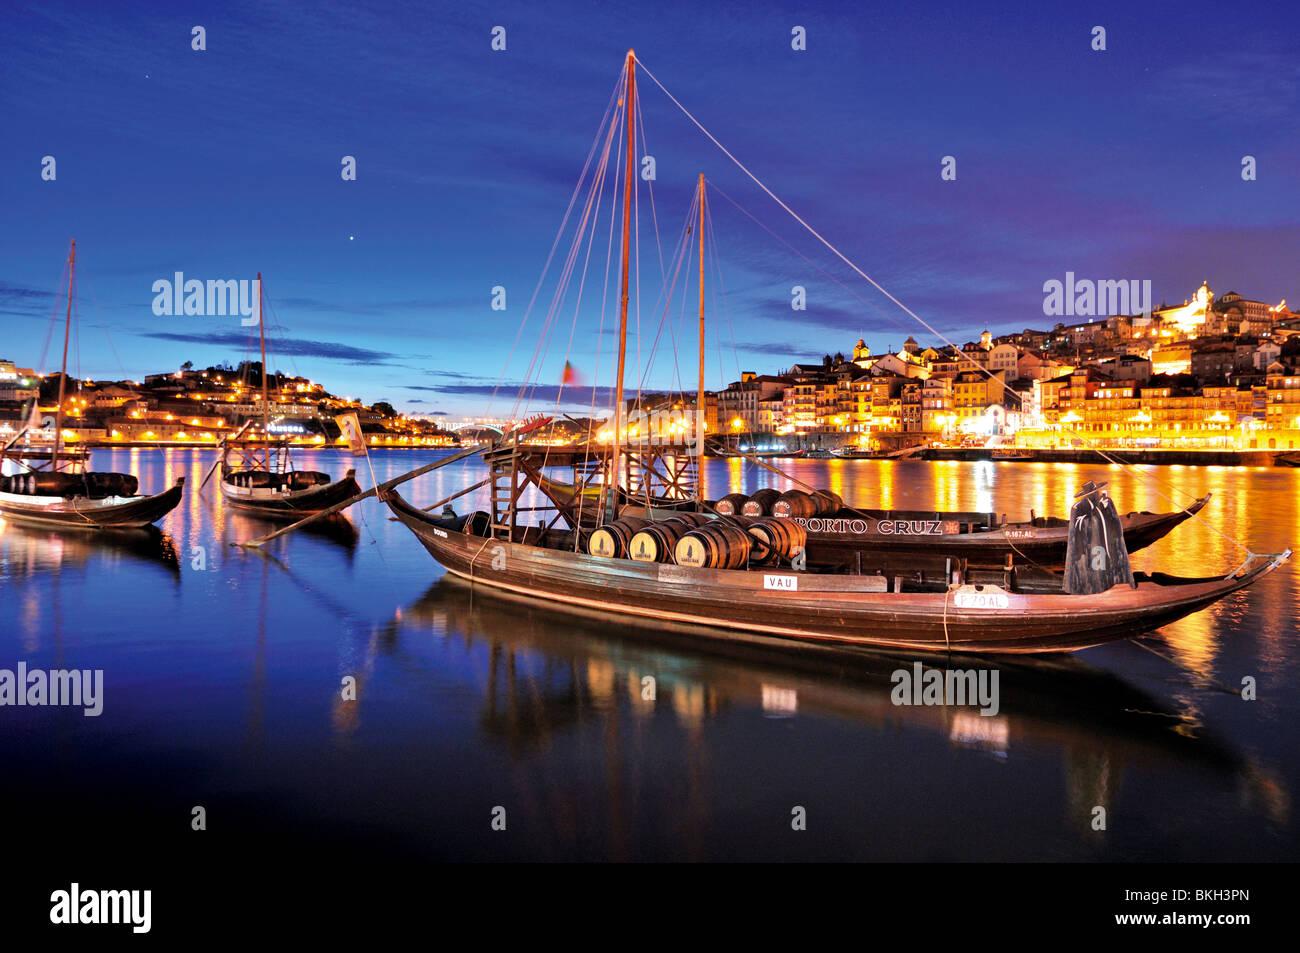 Portugal, Porto: Night view of the port wine ships at Vila Nova de Gaia at river Douro - Stock Image